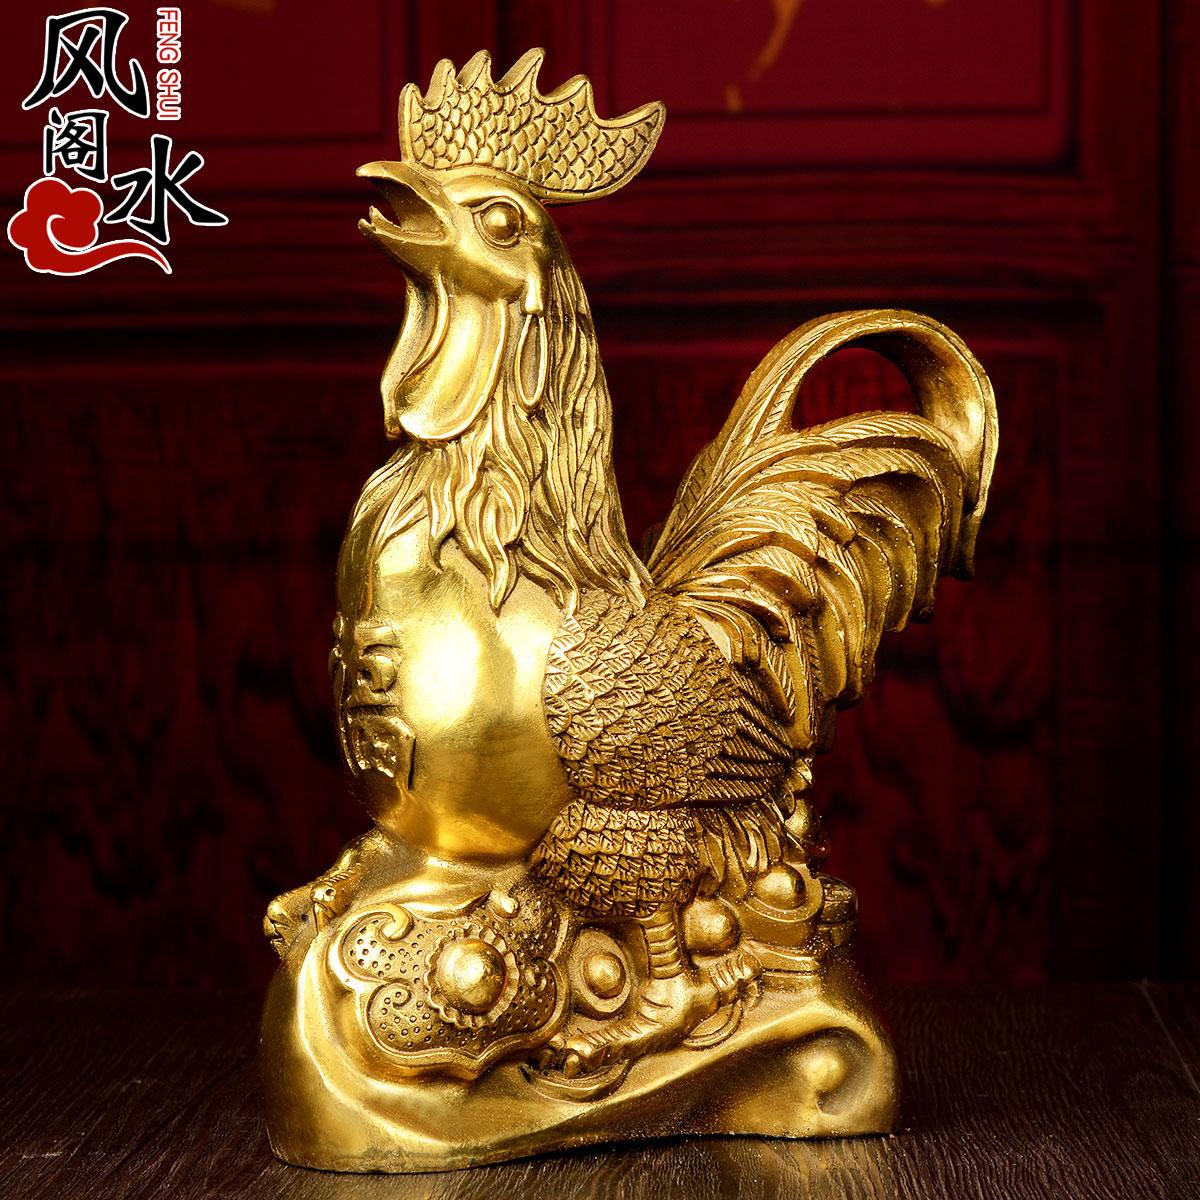 风水阁铜鸡铜如意公鸡摆件11262